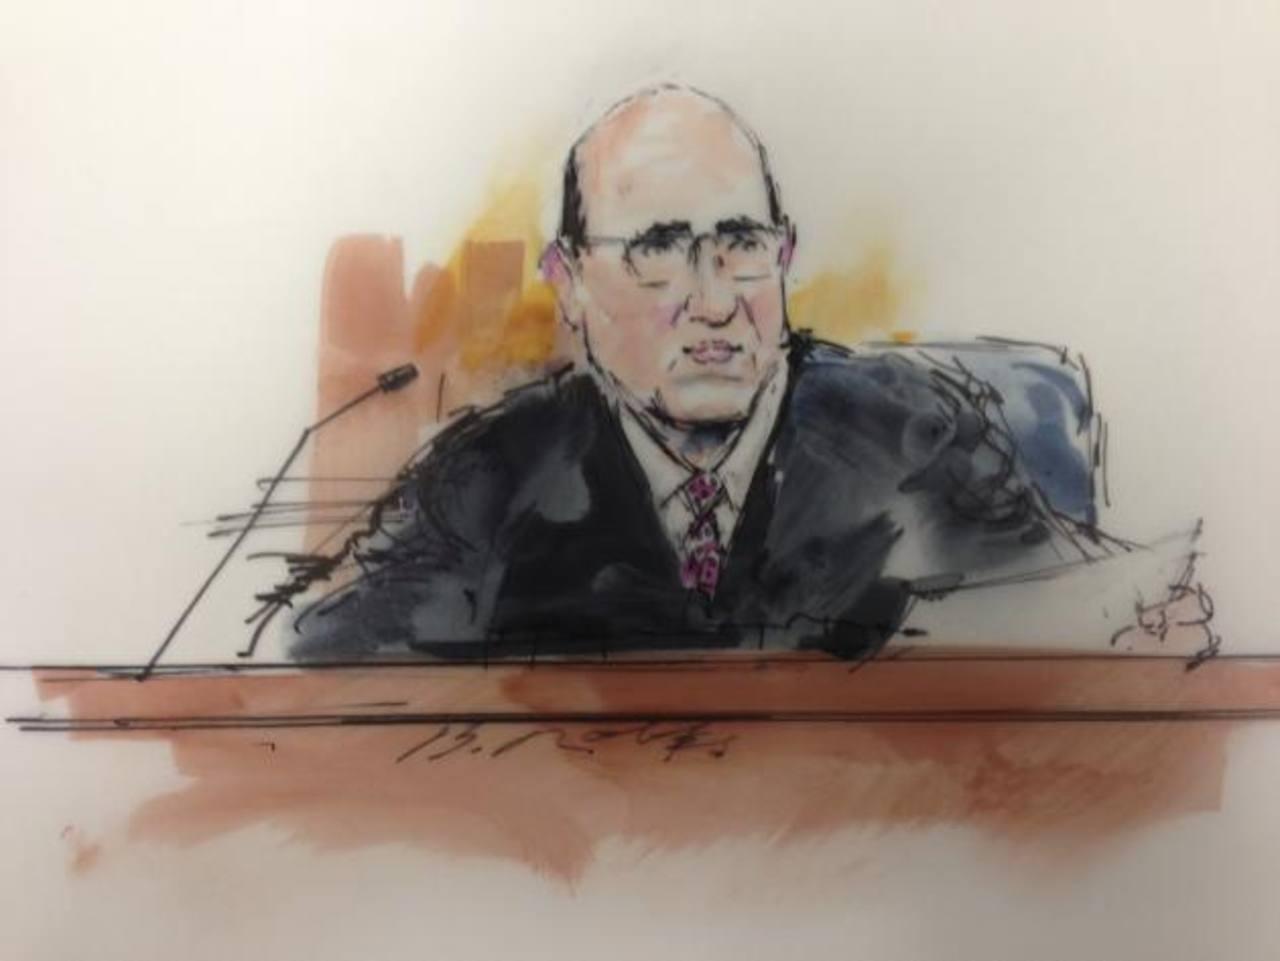 Juez Carlos Armando Samour, ilustración facilitada por medios locales